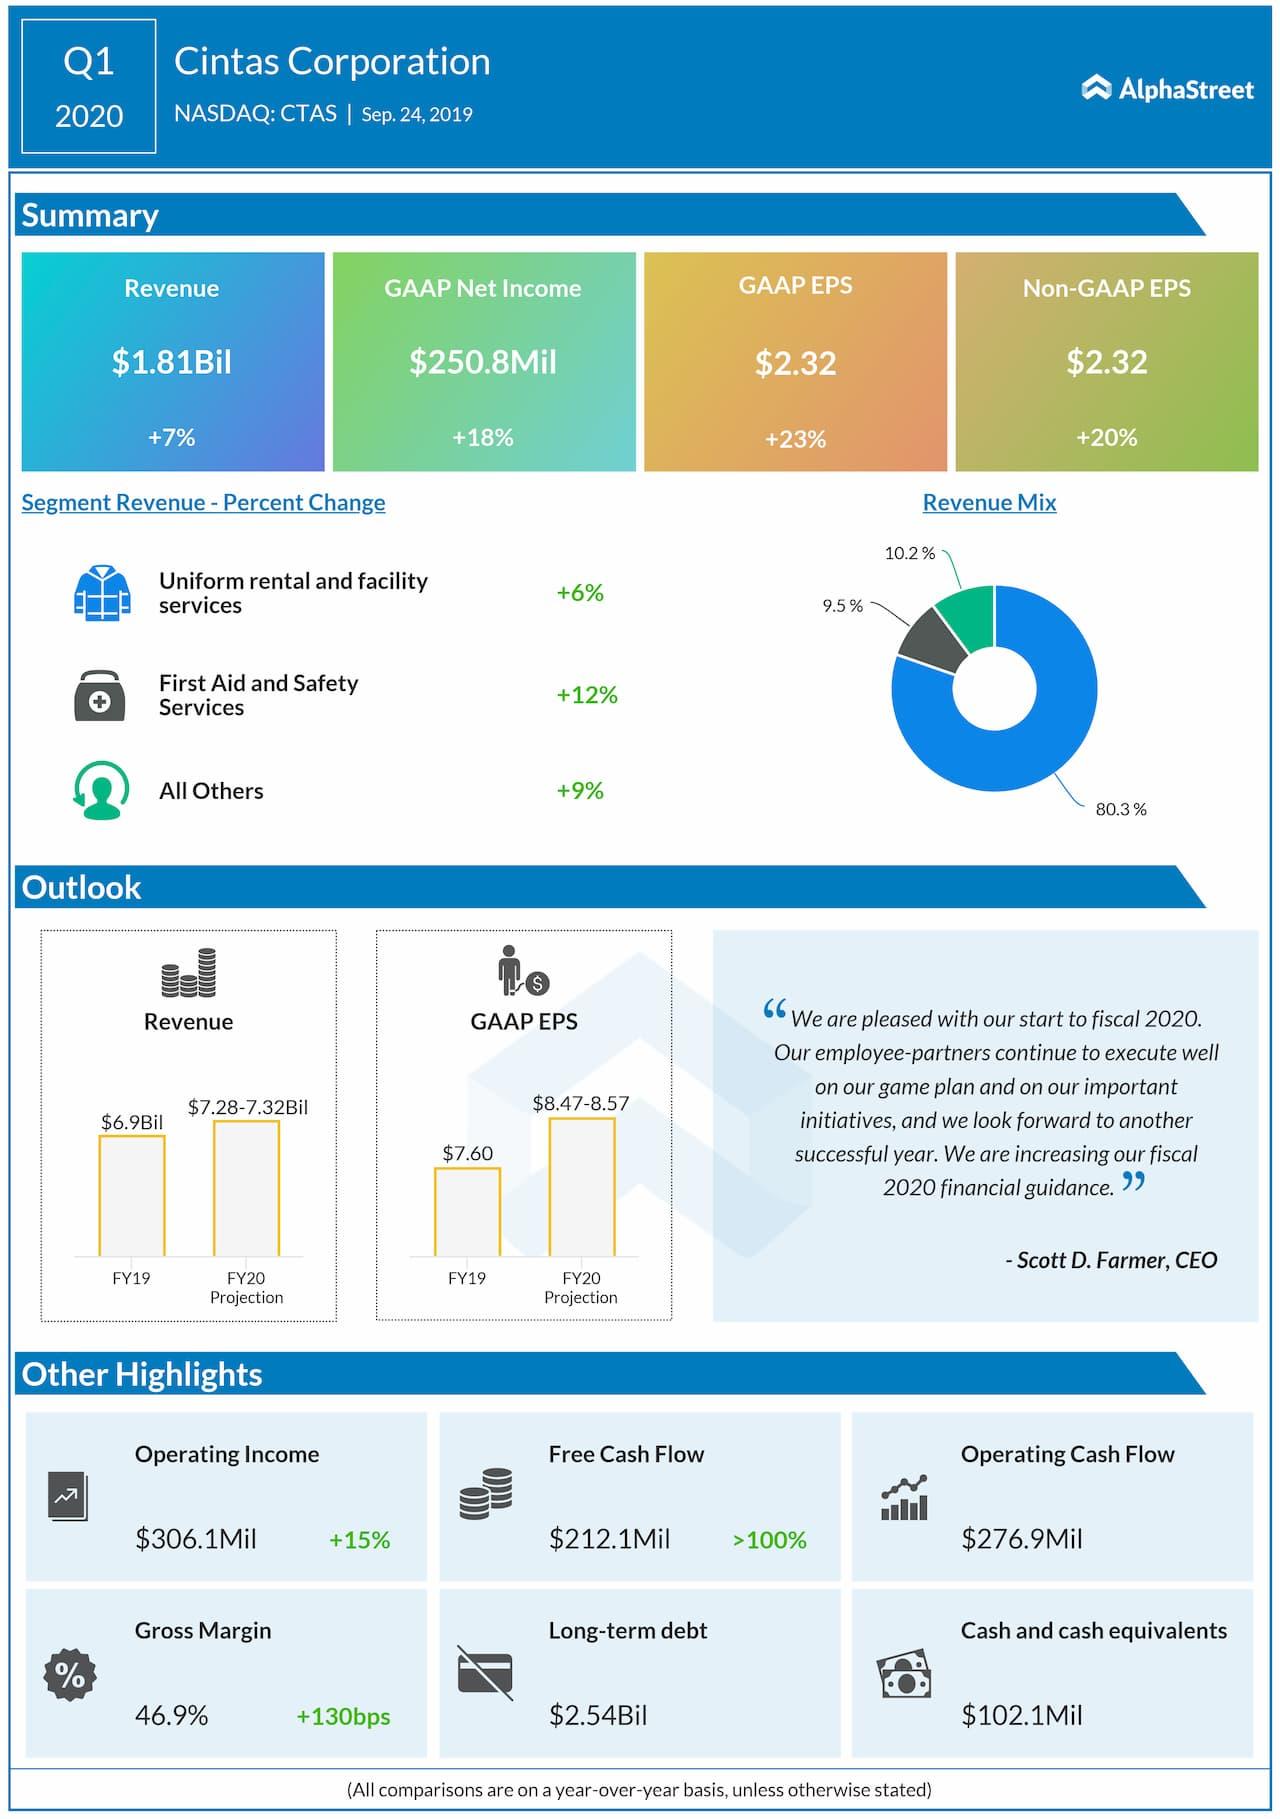 Cintas Q1 profit beats estimates, lifts FY20 forecast